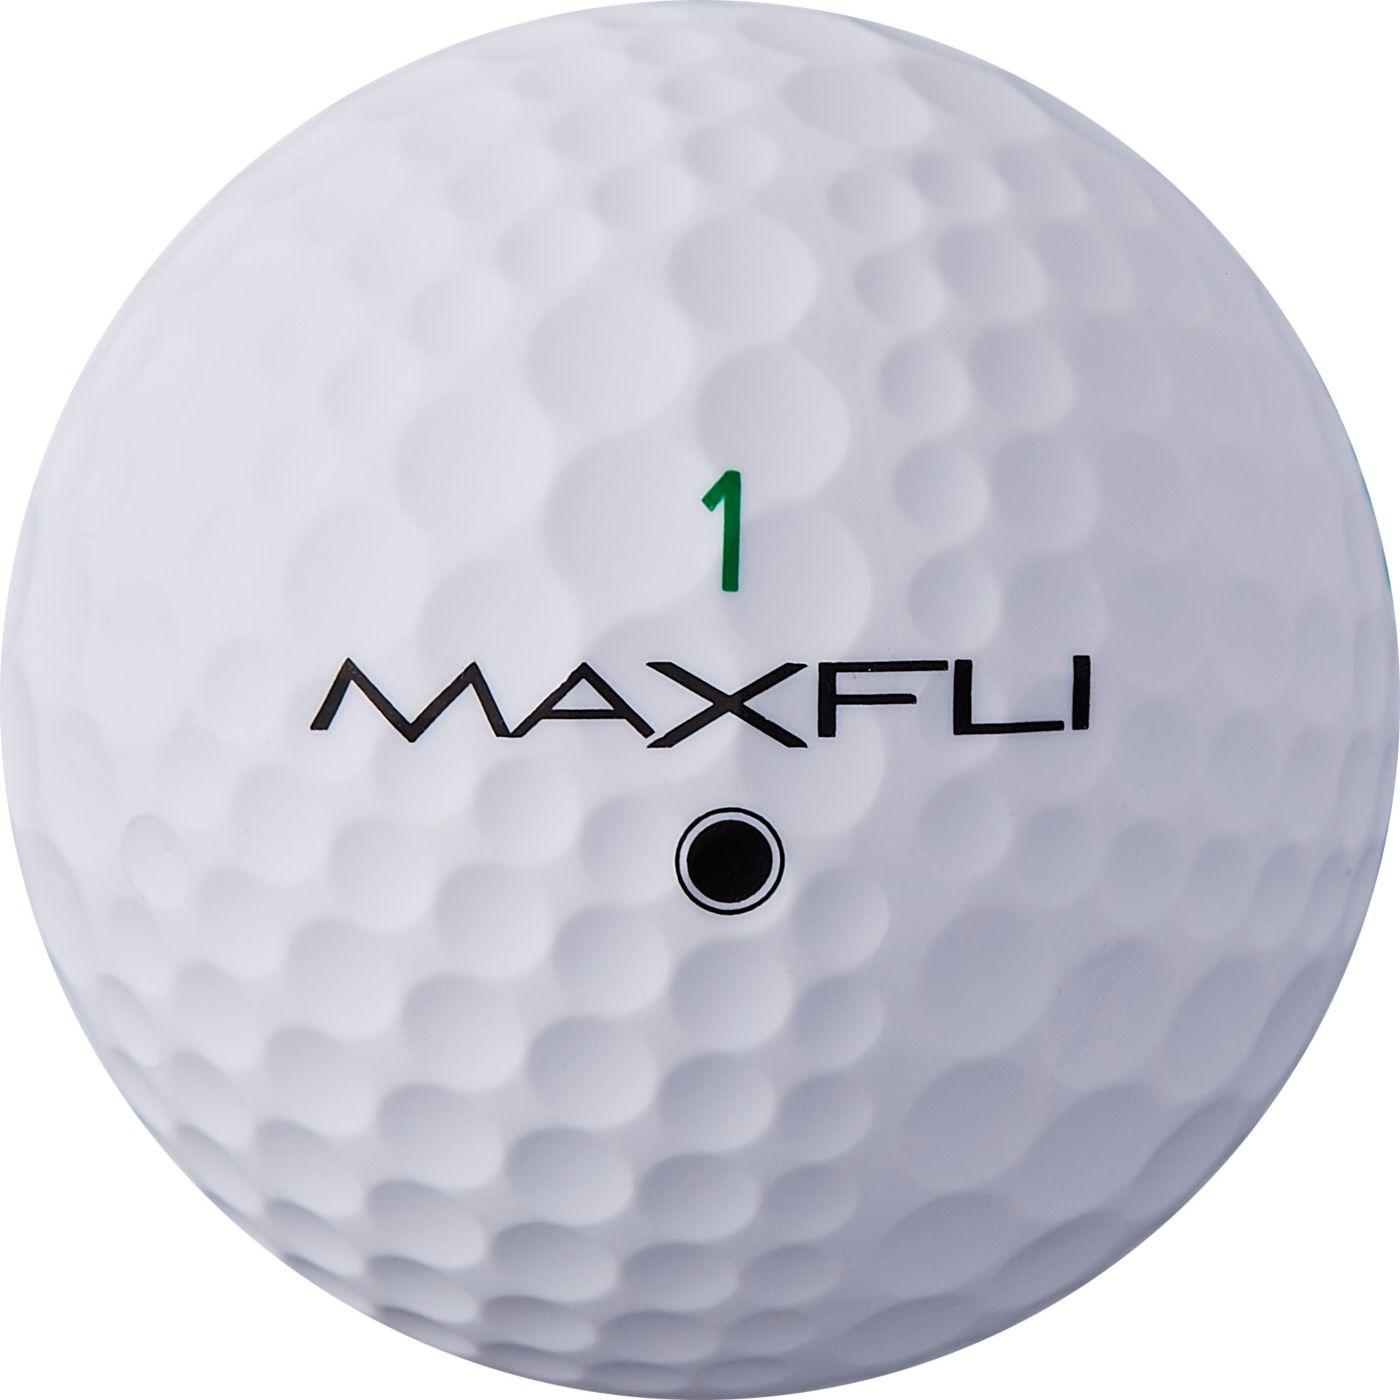 Maxfli StraightFli Matte White Golf Balls